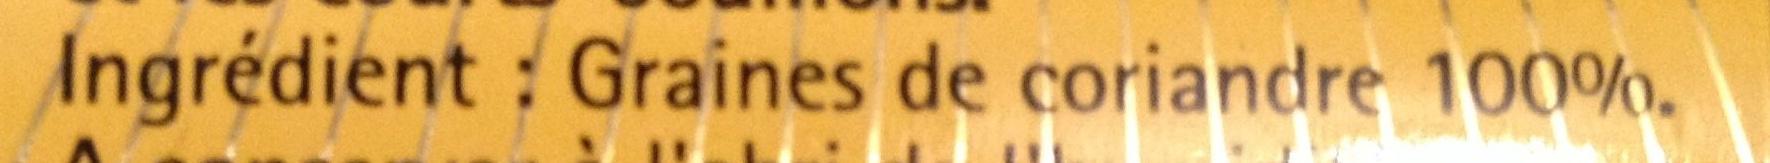 Coriandre graines - Ingrédients - fr